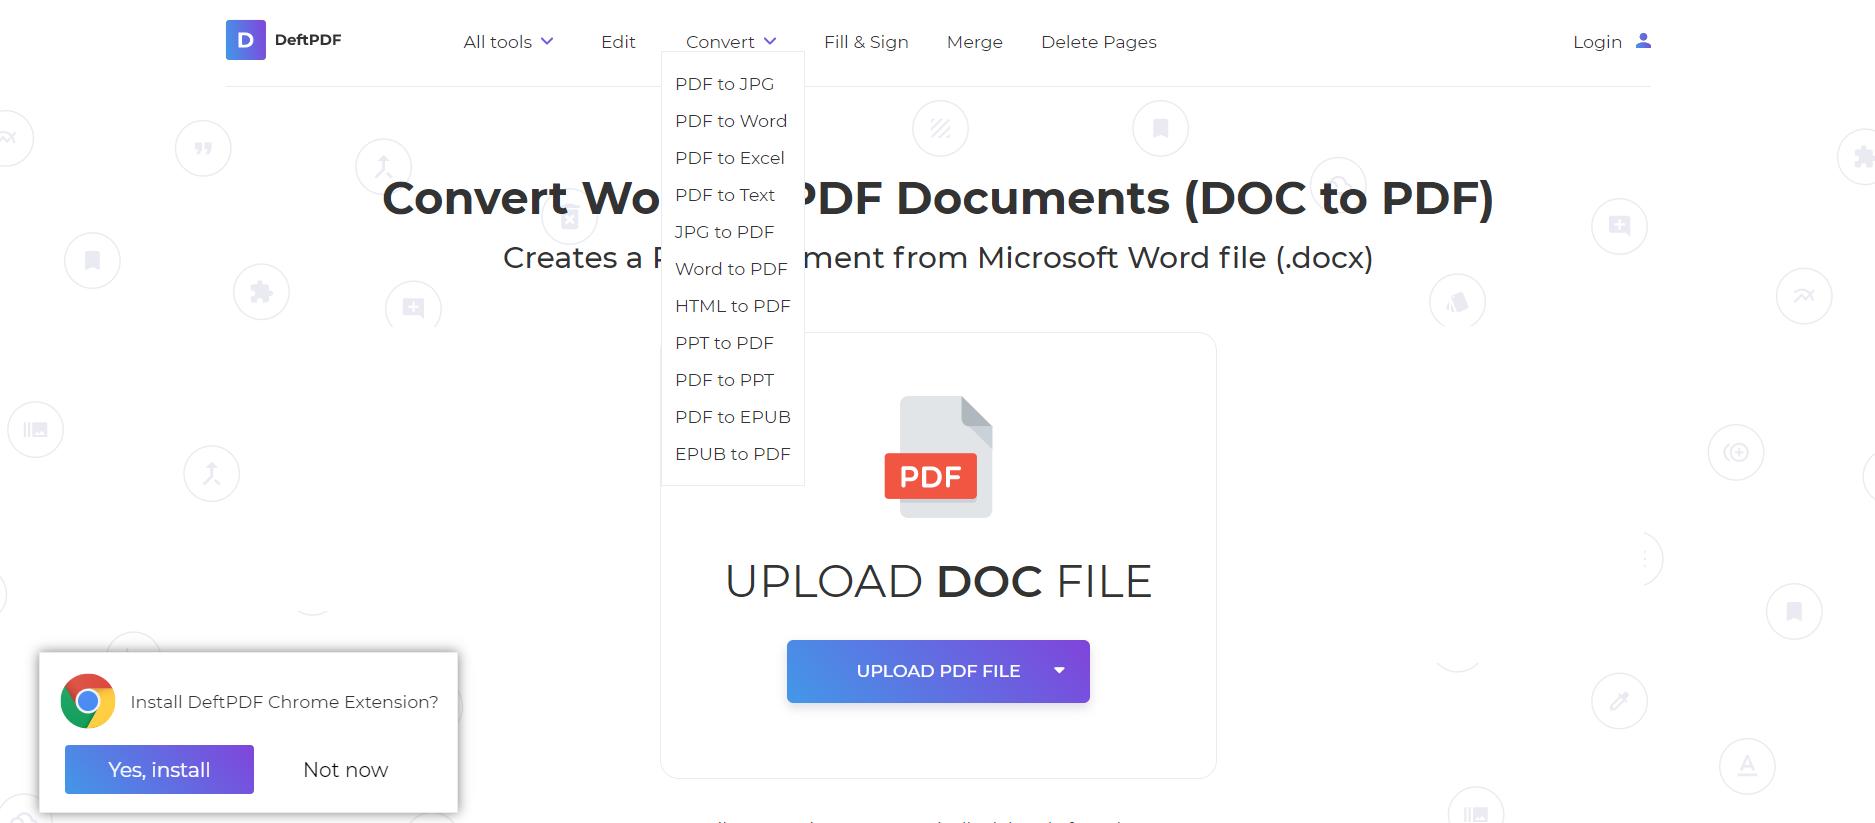 convert tools at DeftPDf